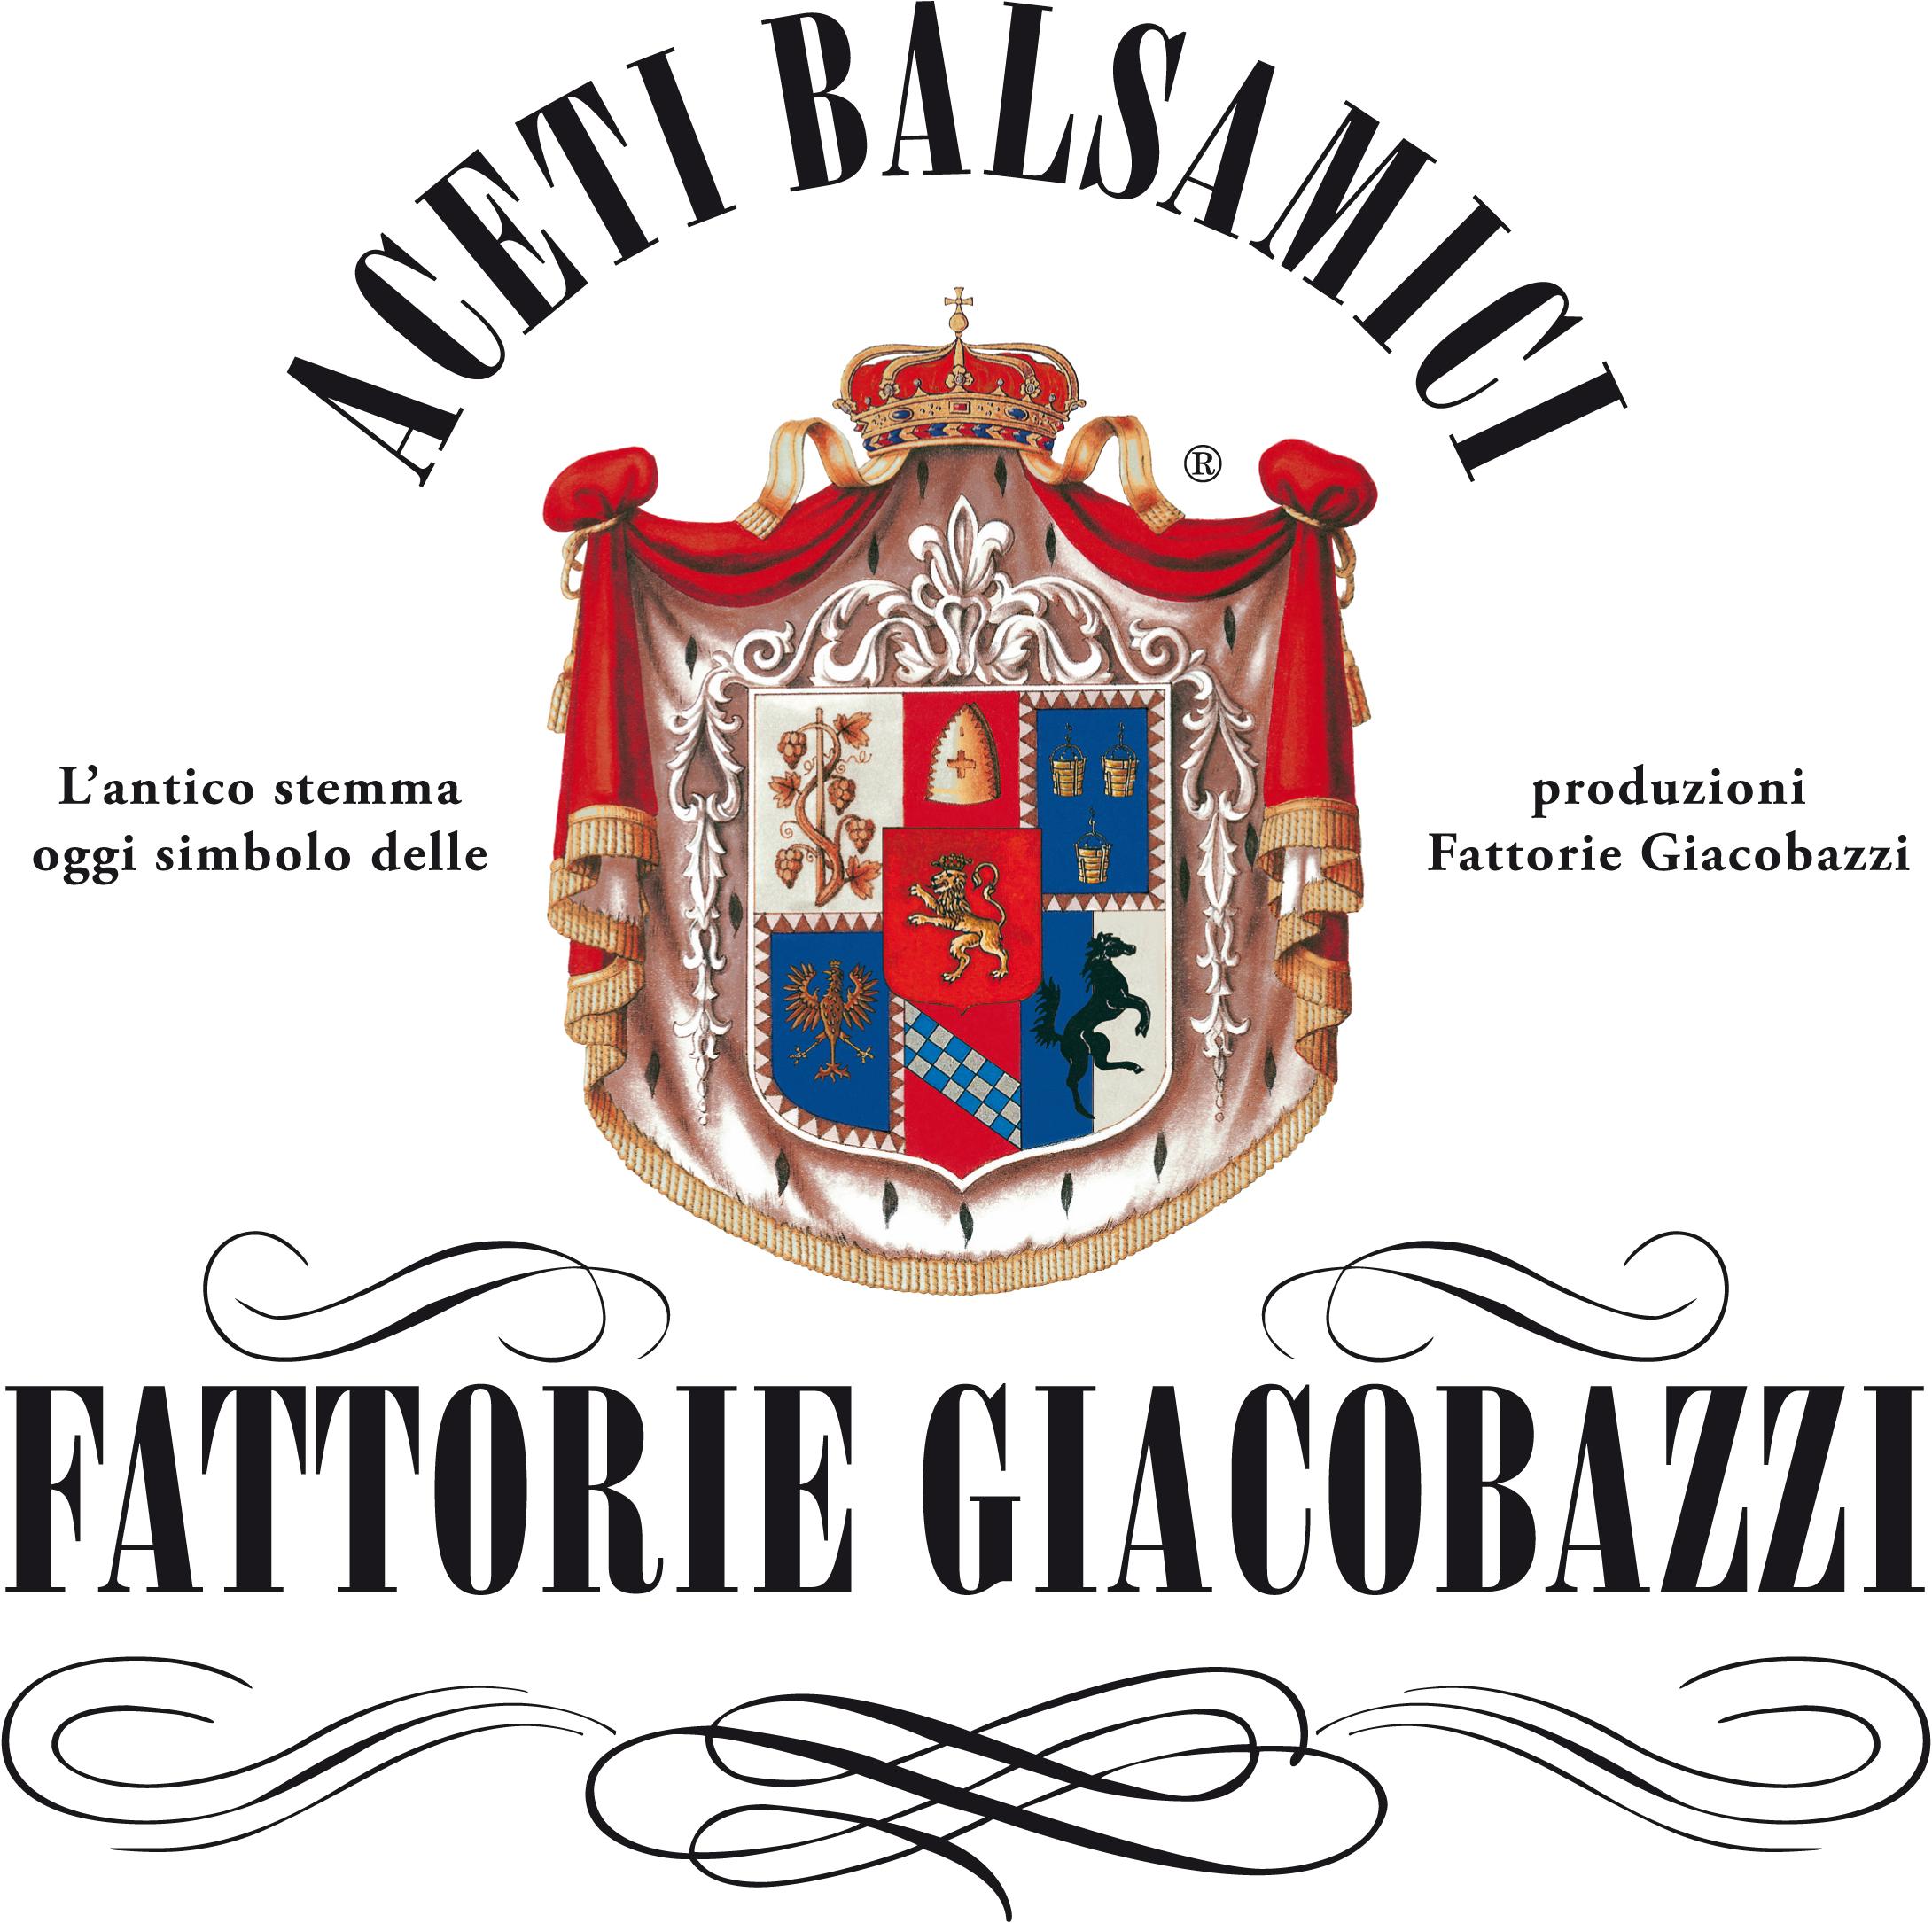 Fattorie Giacobazzi